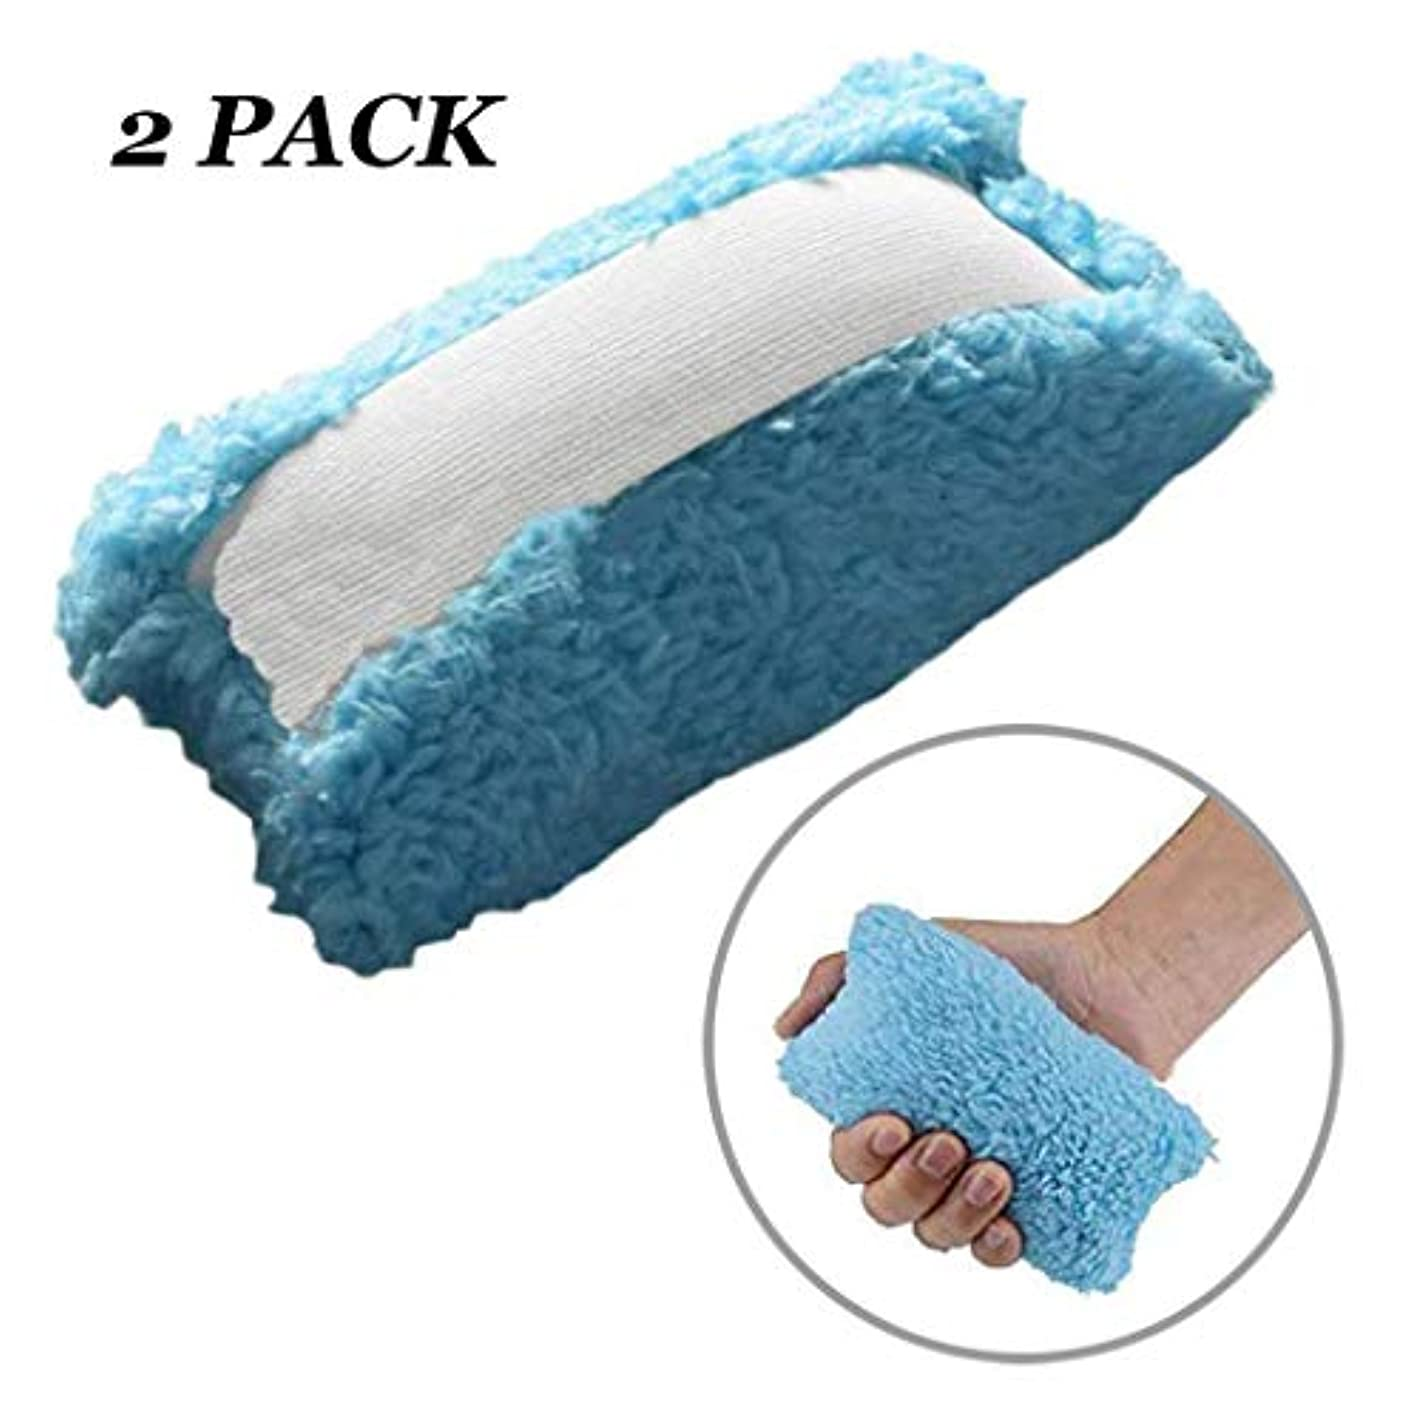 馬鹿ディーラー計画脳卒中片麻痺のための指分離拘縮クッション、指をつまむ手、通気性、吸湿性高齢者ケアパッドを防ぐ,2pcs